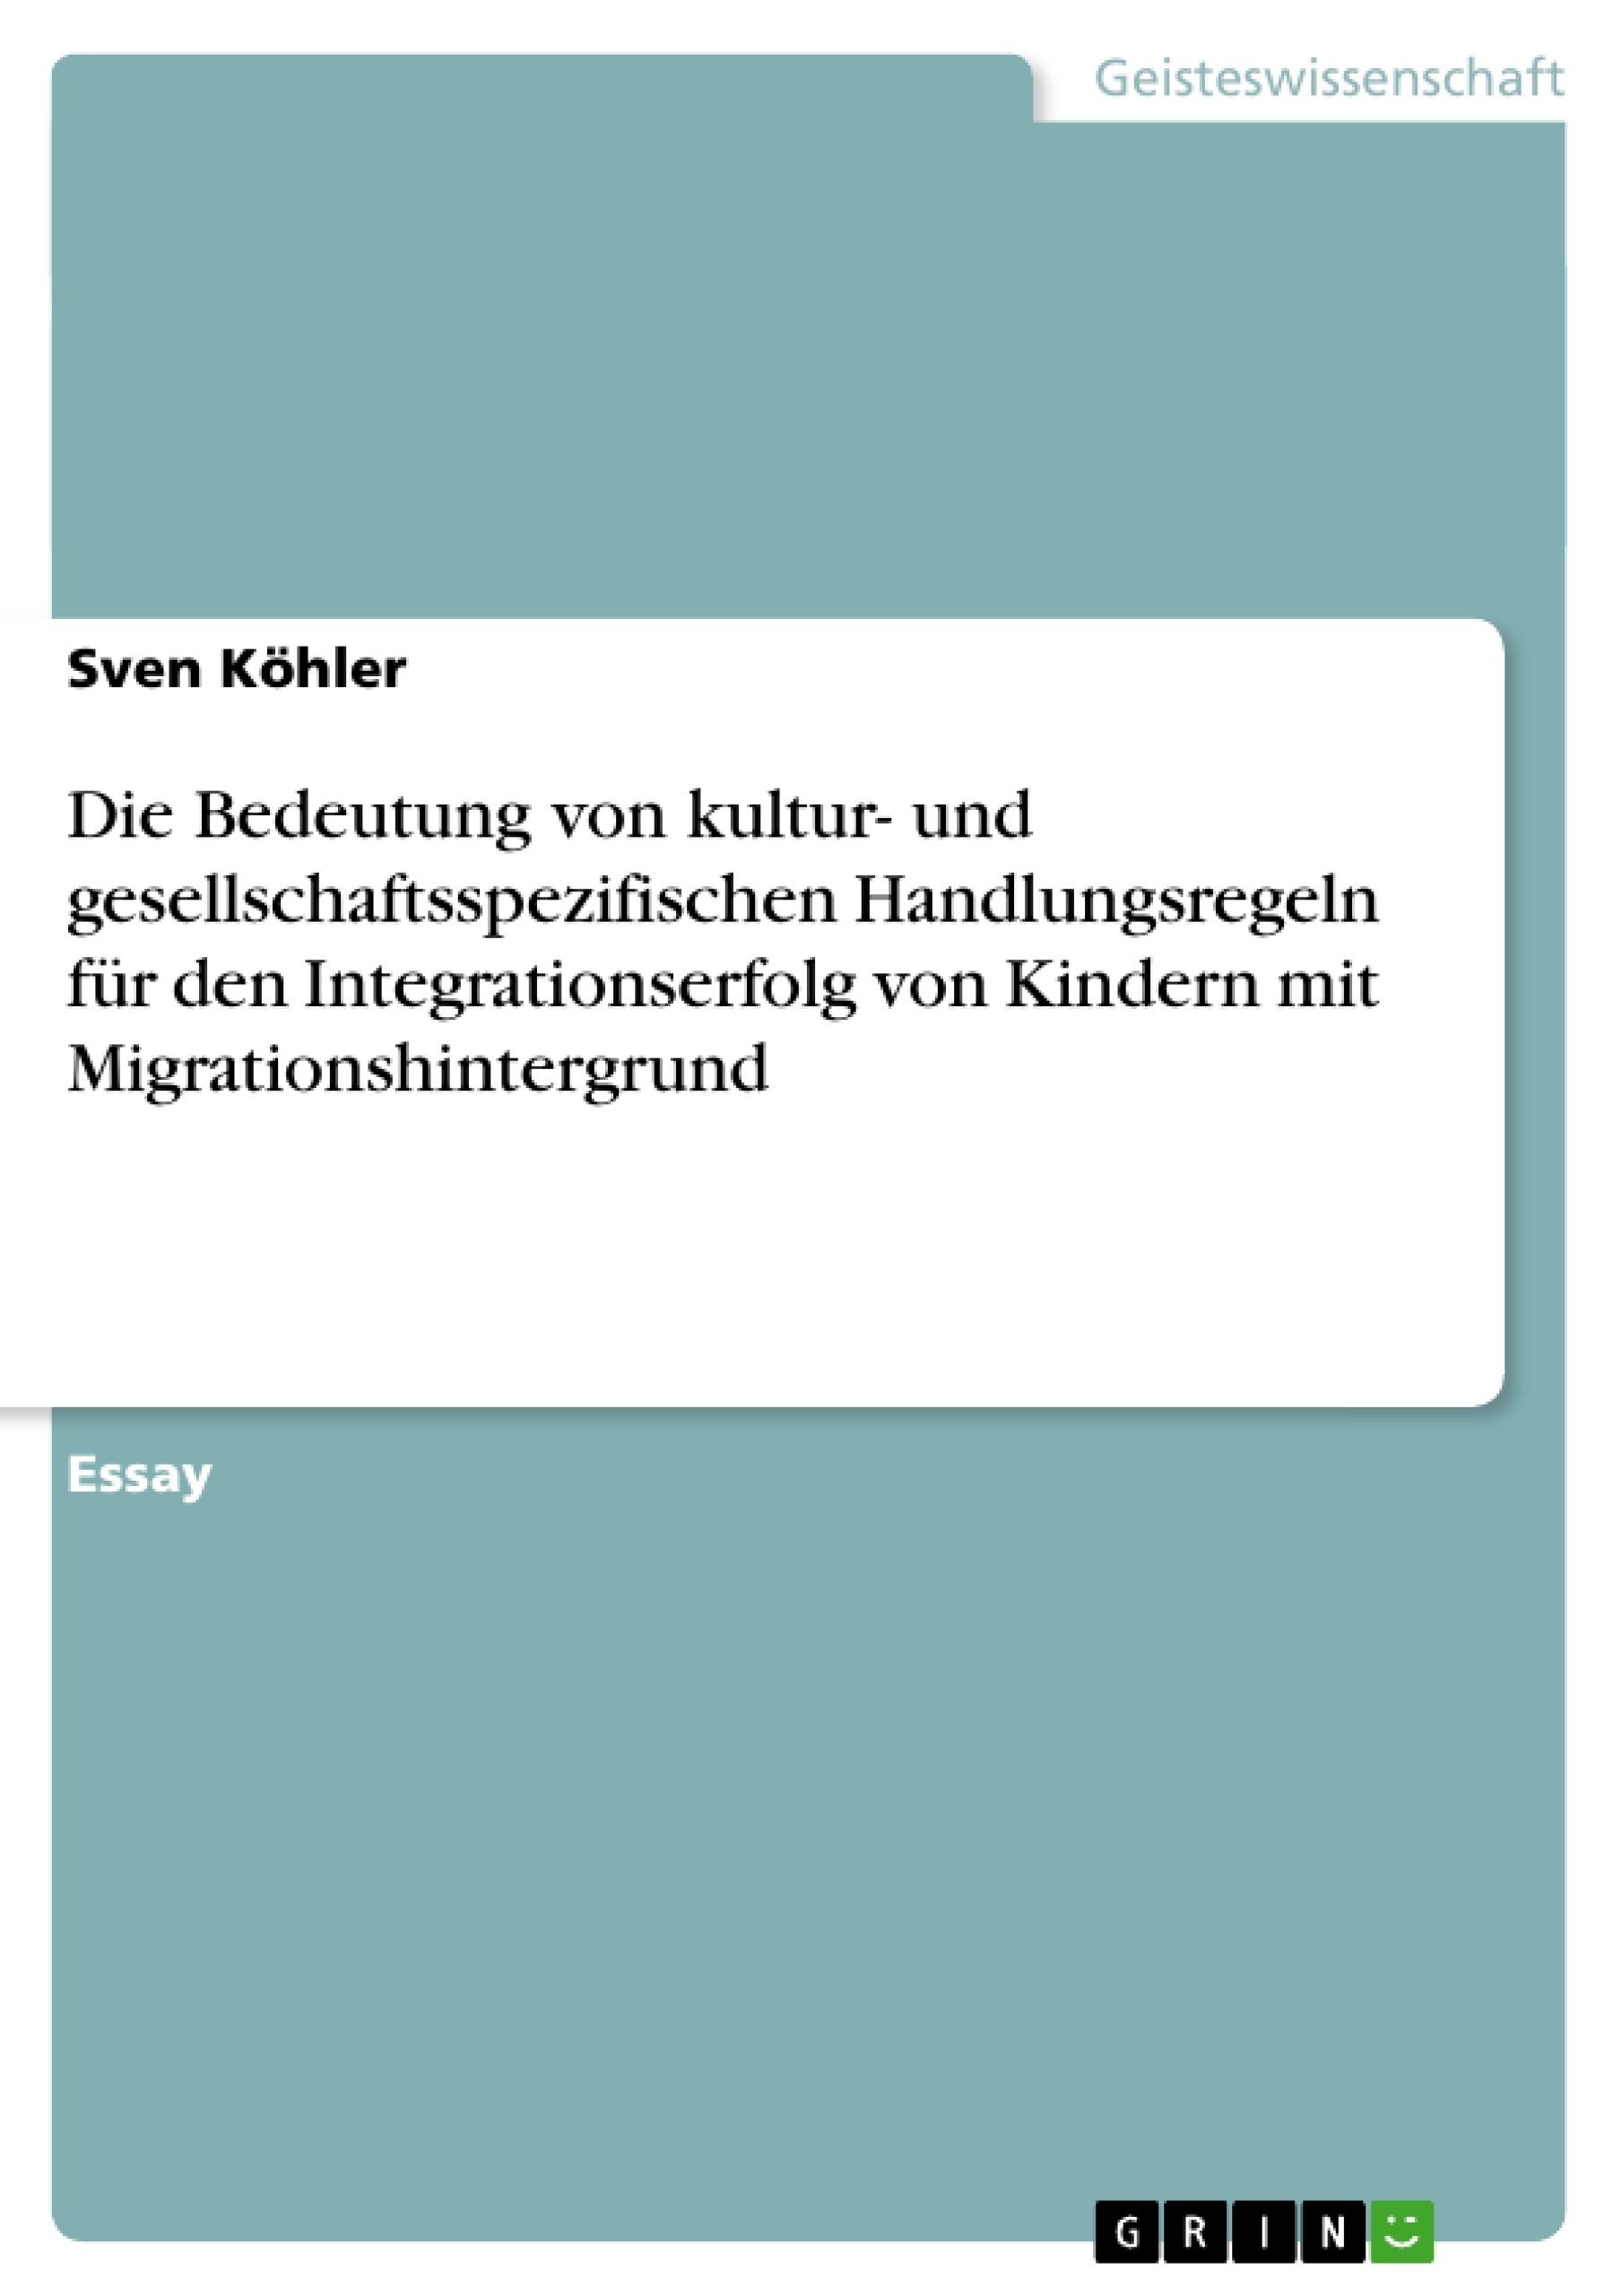 Titel: Die Bedeutung von kultur- und gesellschaftsspezifischen Handlungsregeln für den Integrationserfolg von Kindern mit Migrationshintergrund